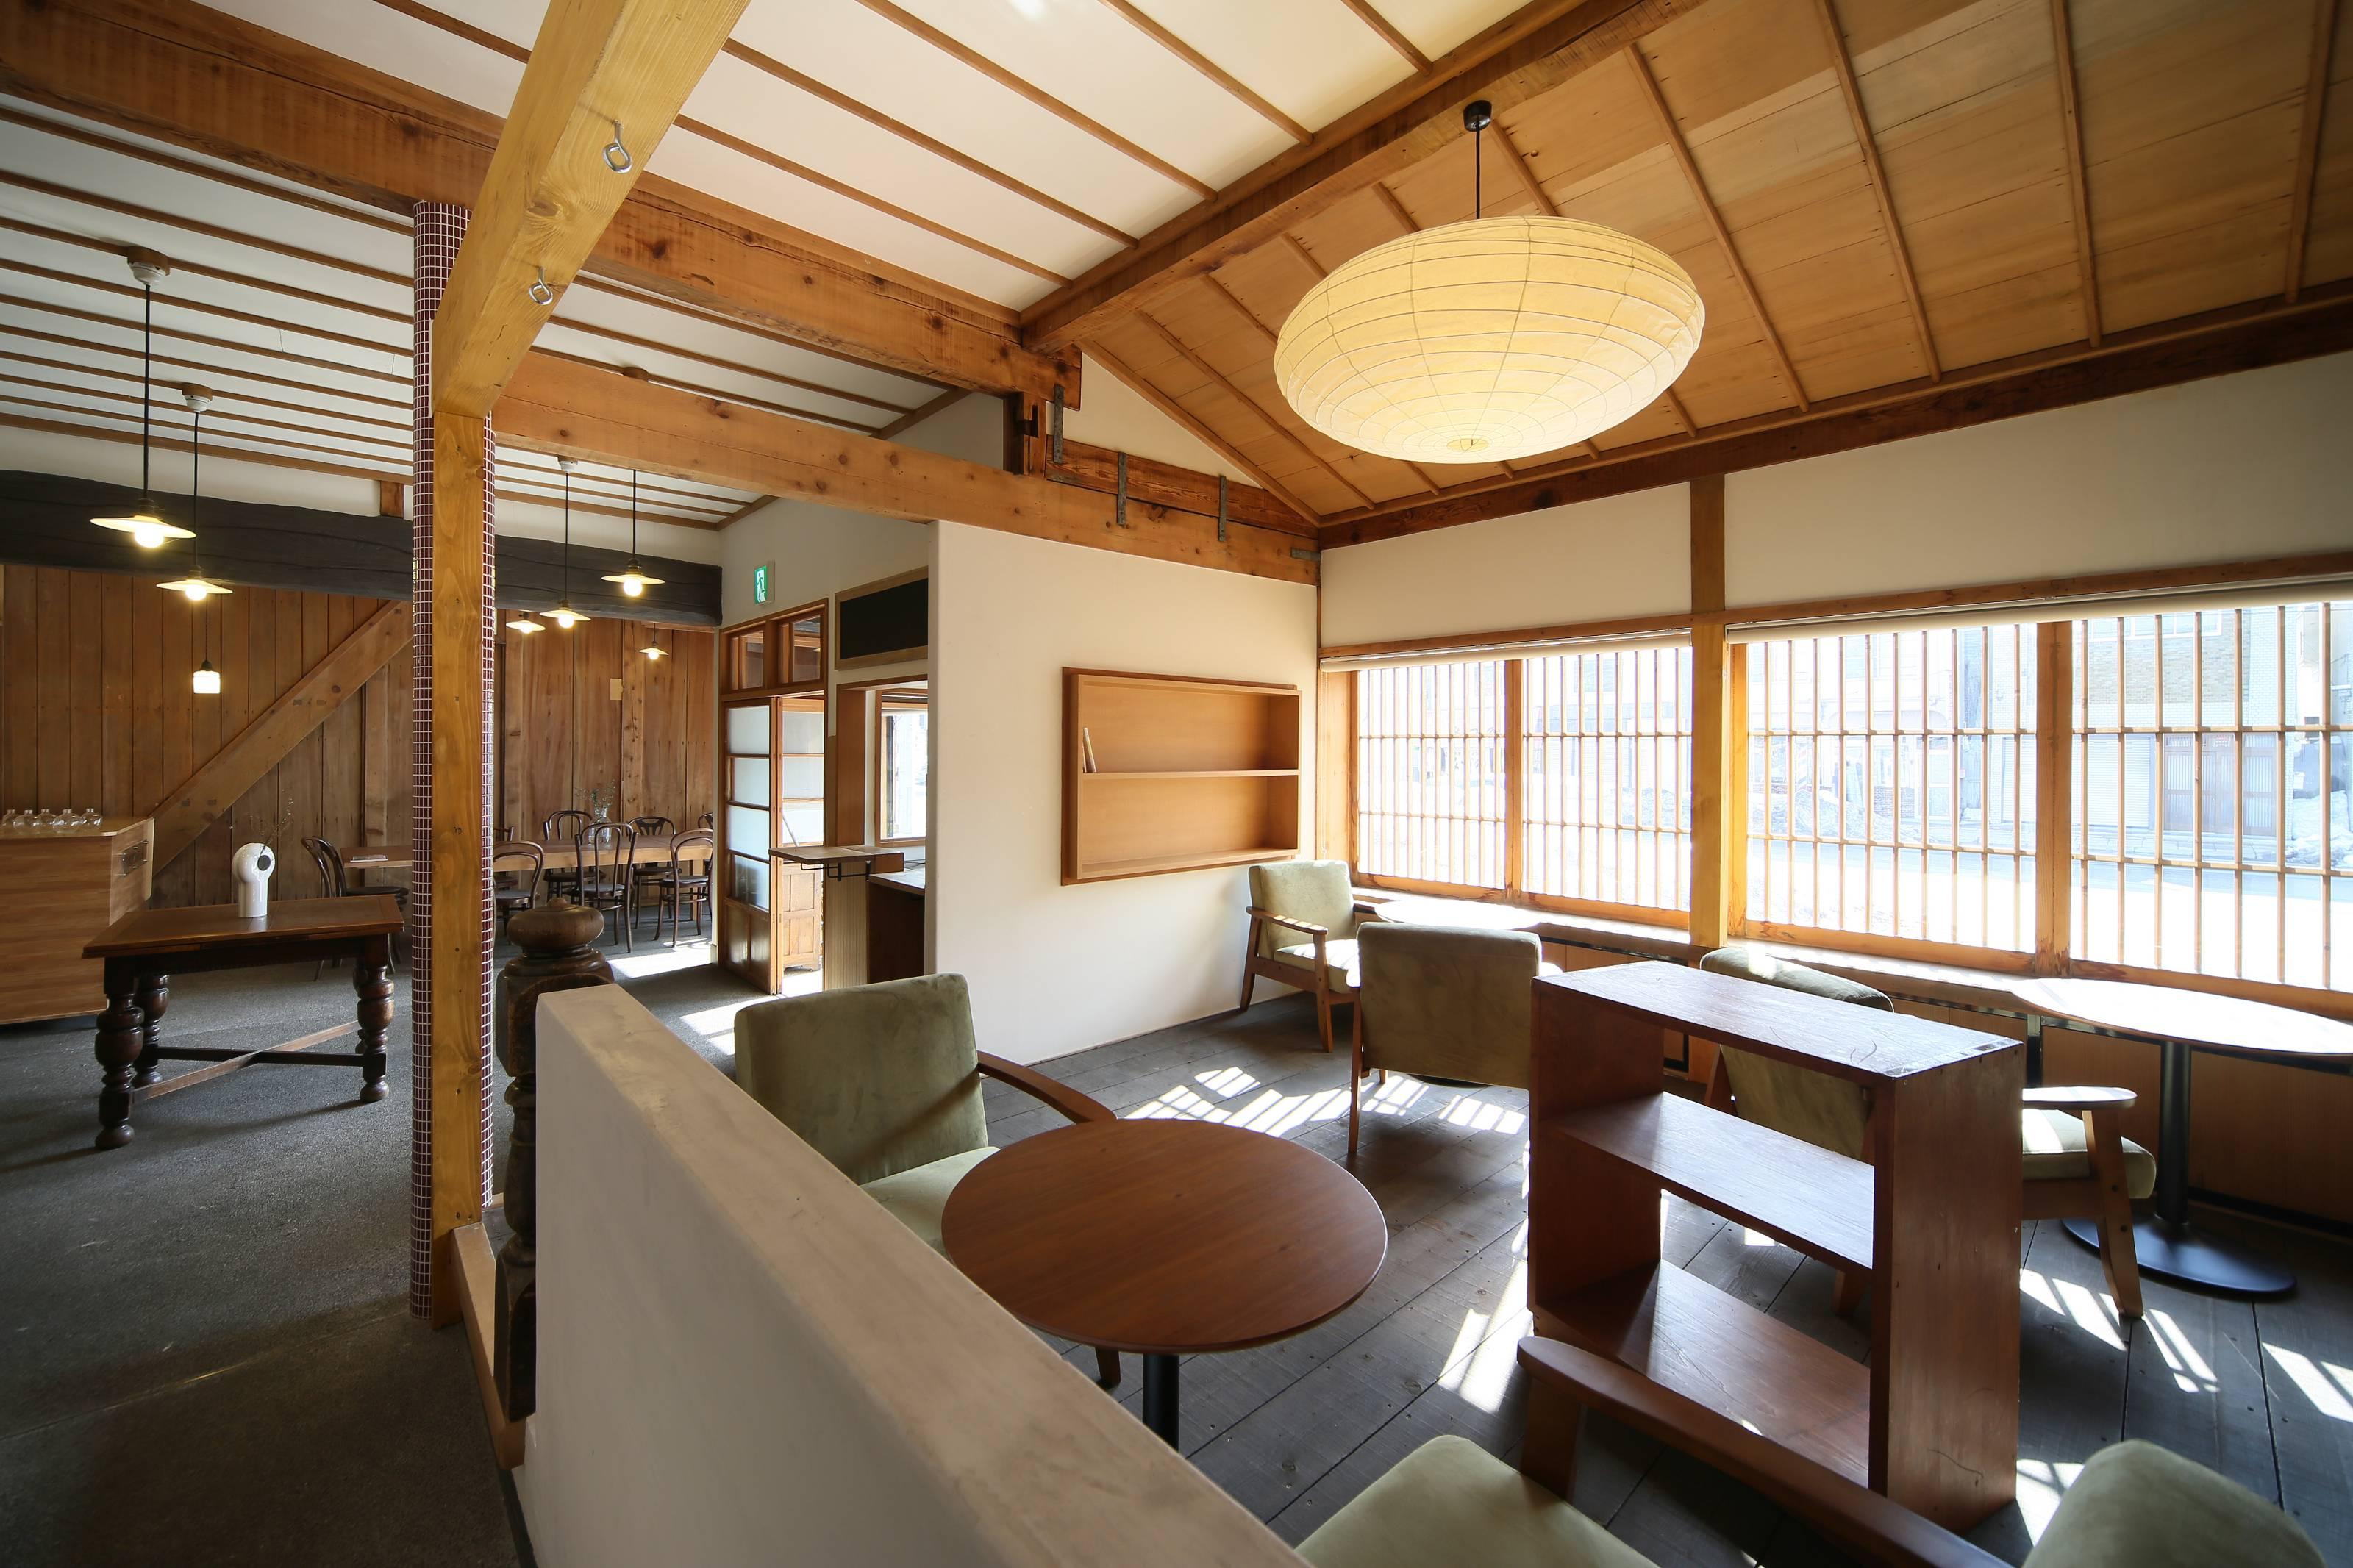 福吉カフェ 札幌伏古店(2019年7月下旬オープン予定)